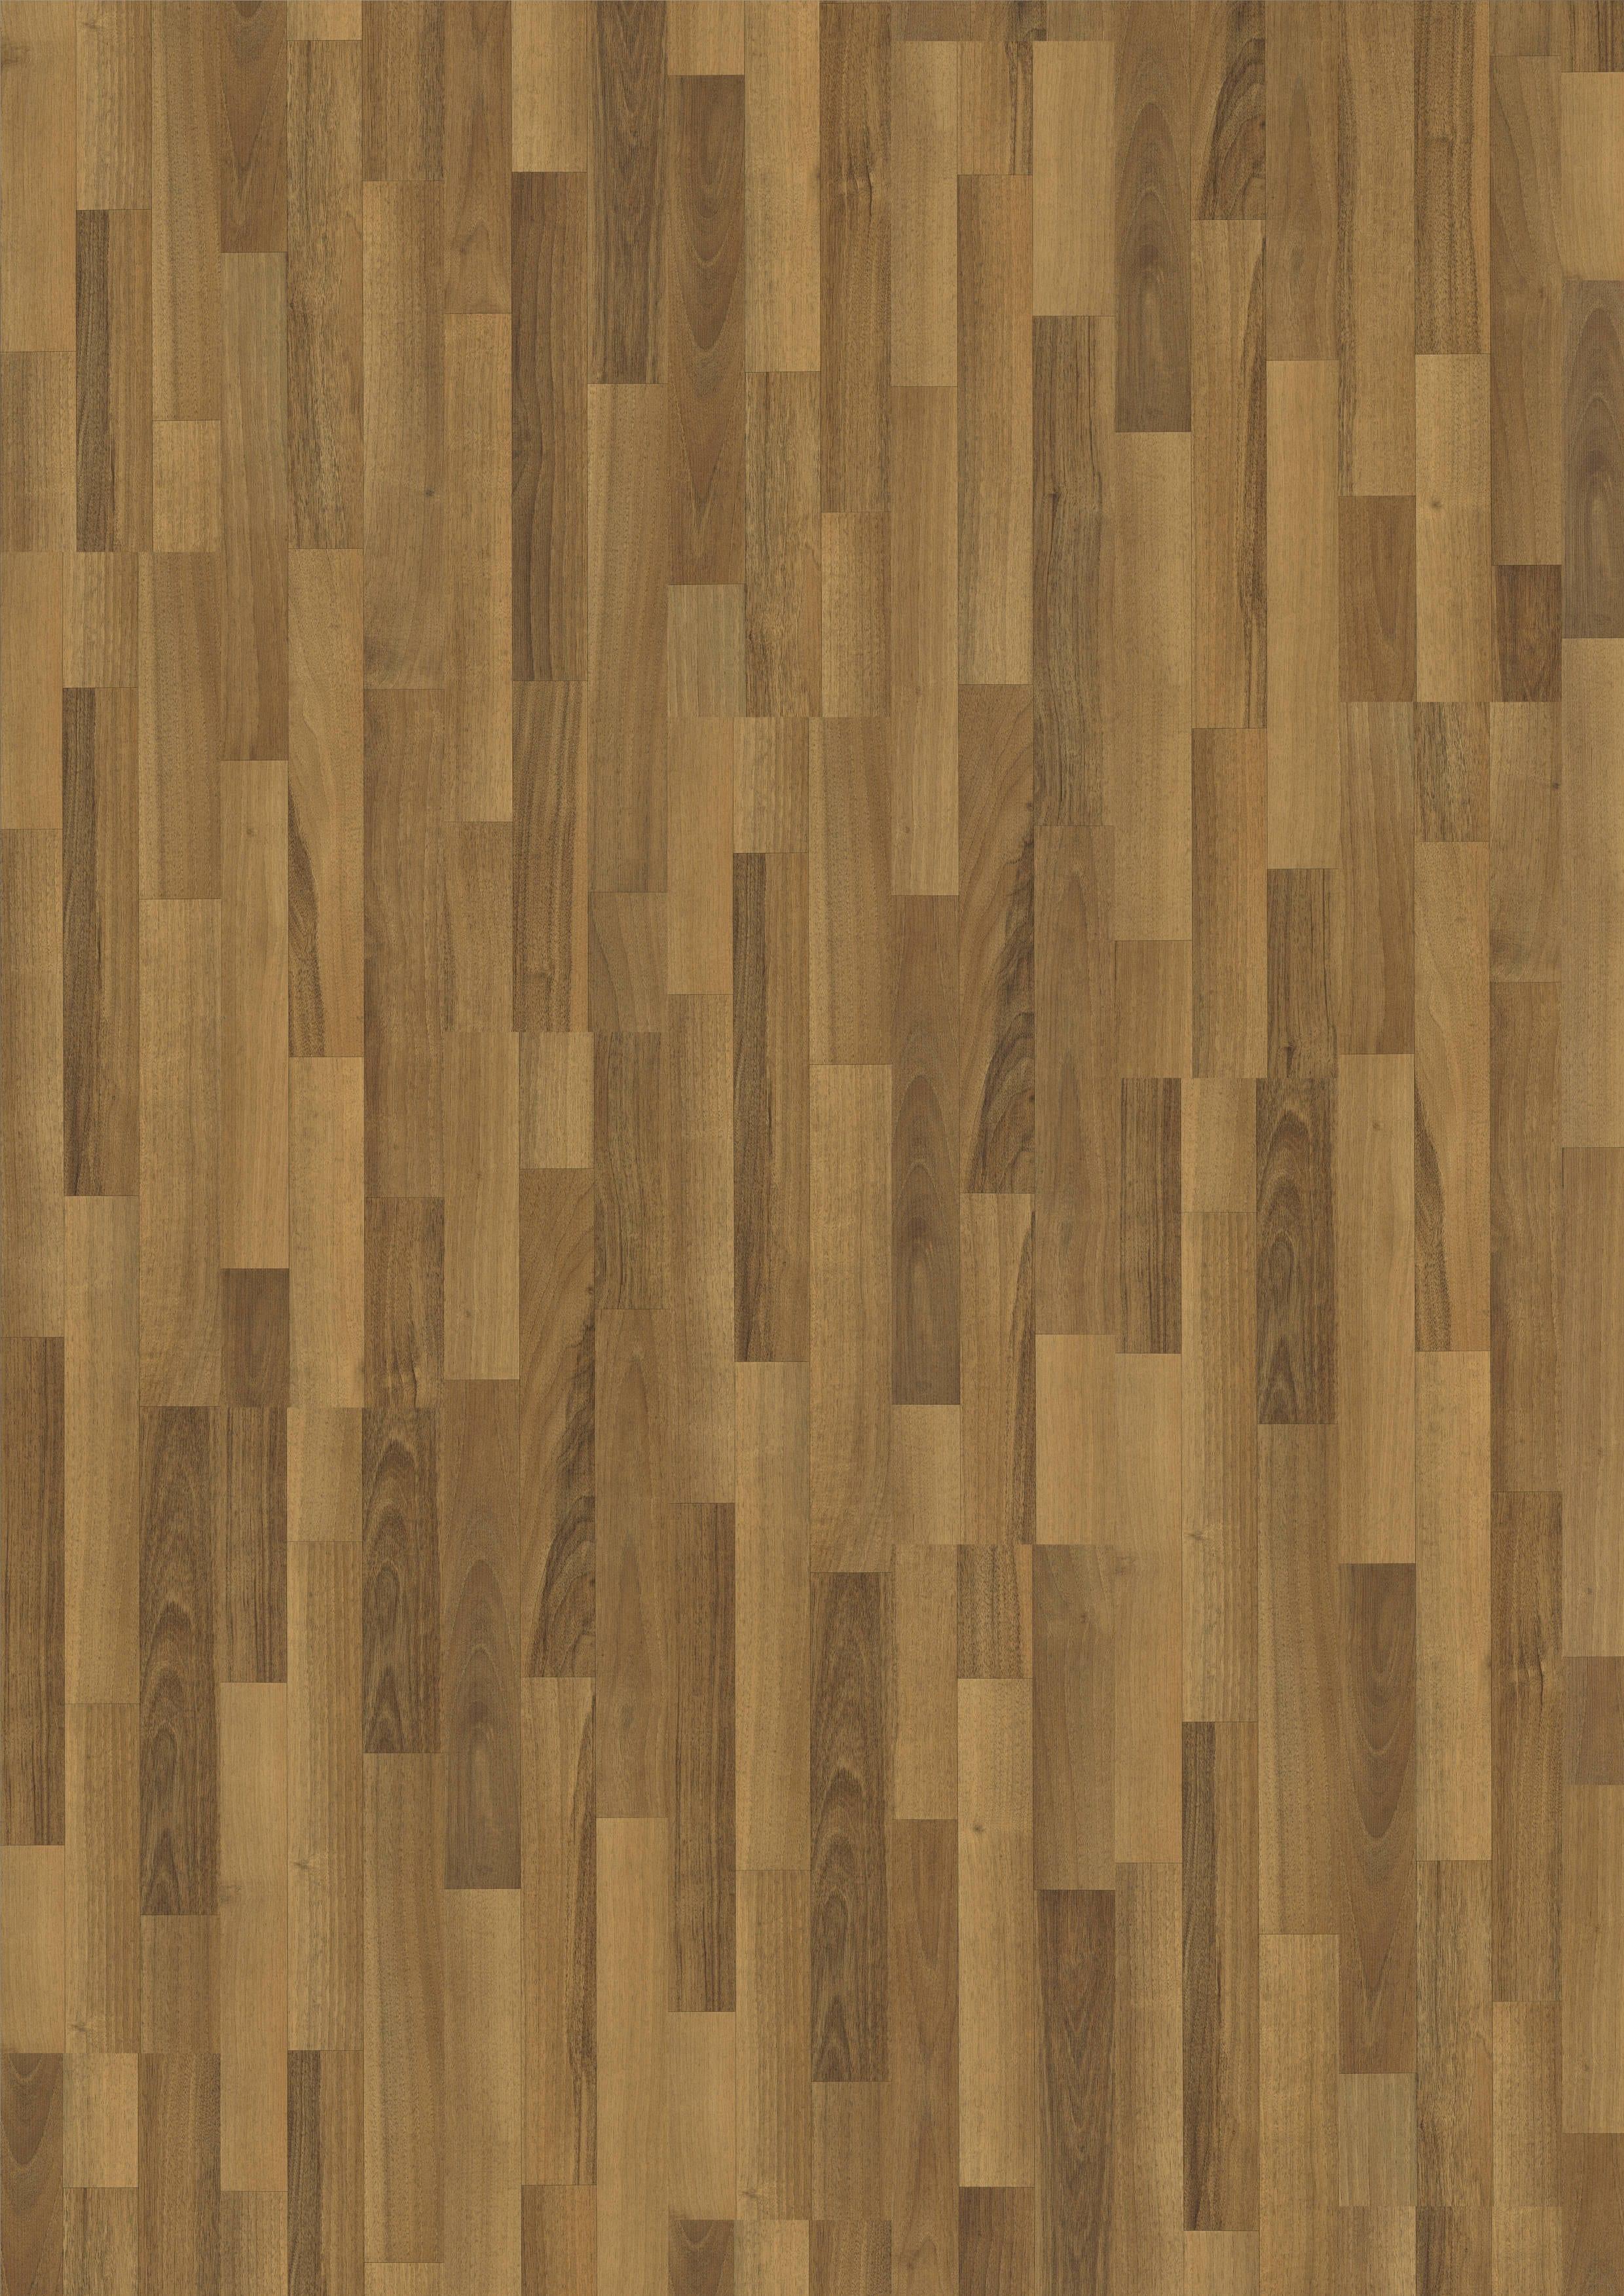 laminat schiffsboden bei raumtrend hinze raumtrend hinze. Black Bedroom Furniture Sets. Home Design Ideas